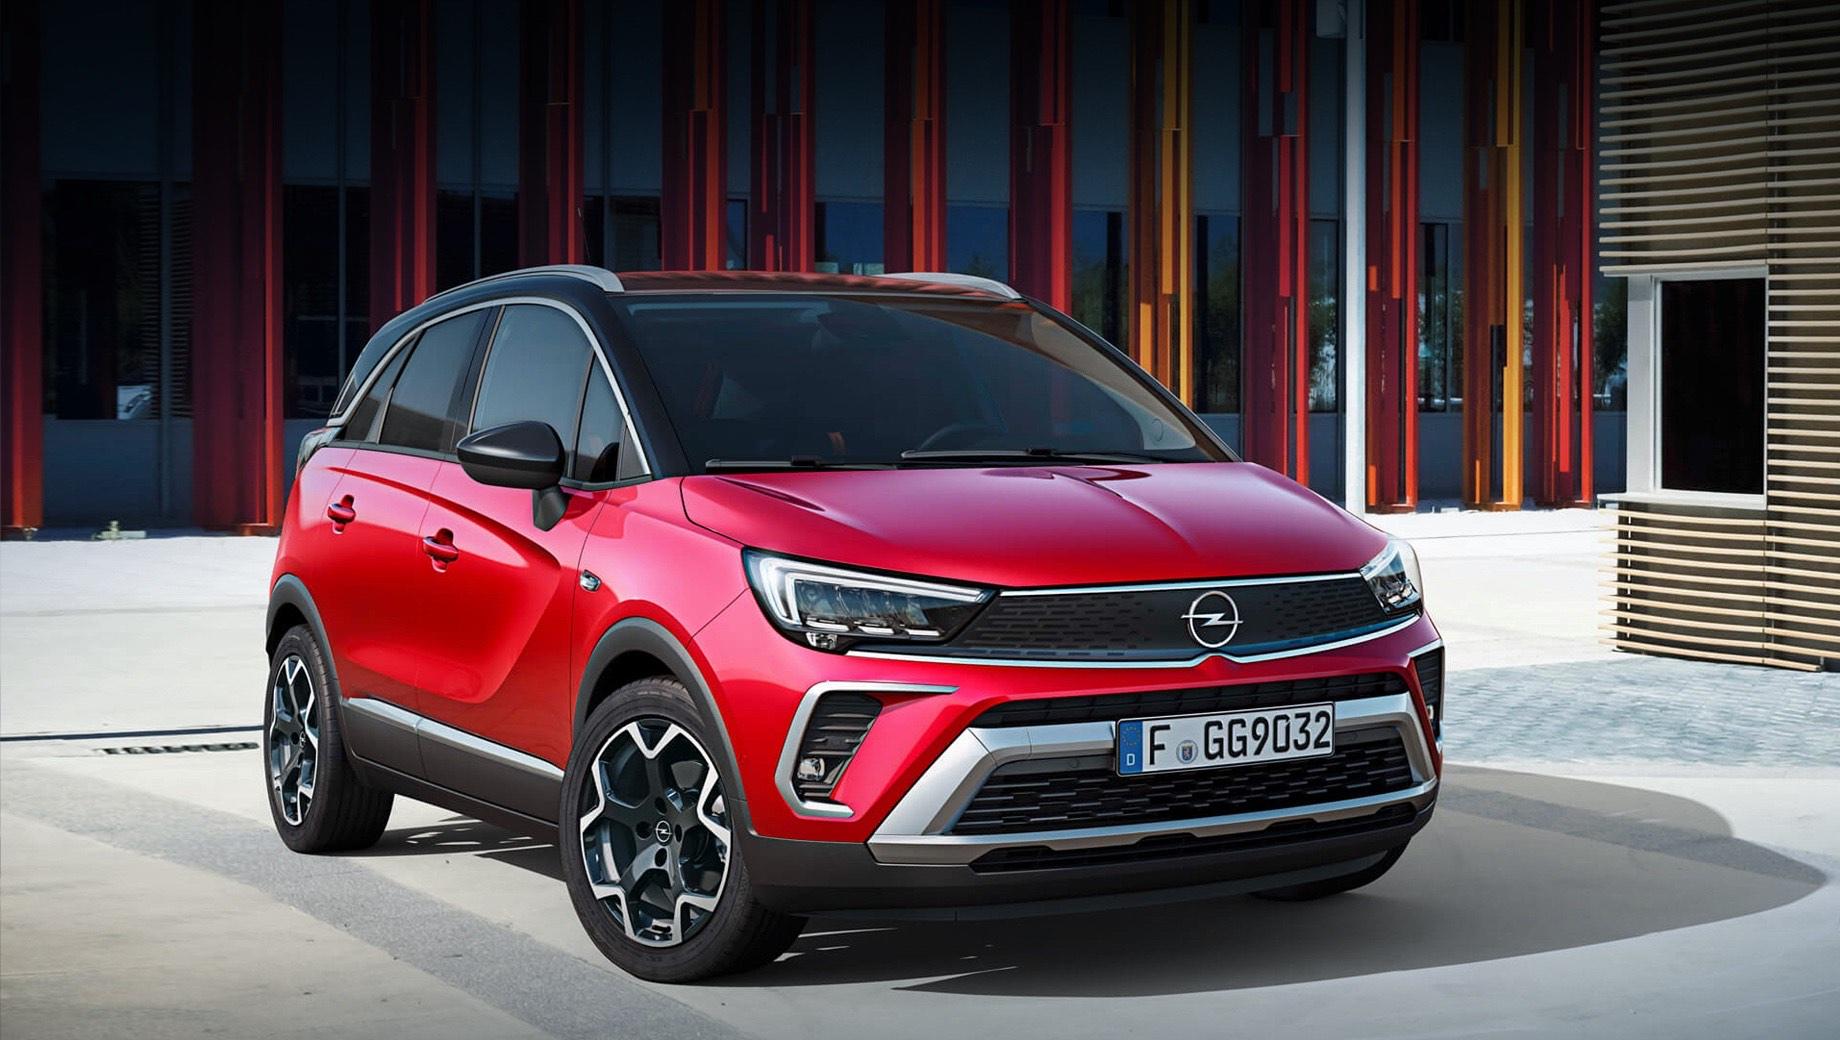 Opel crossland. Crossland родился в 2017 году и базируется на старой платформе PF1 (McPherson спереди, балка сзади). По размерам это модель B-класса: 4217×1976×1605 мм, колёсная база — 2604, клиренс — около 170 мм. Производством Кросслендов занимается только испанский завод в Сарагосе.